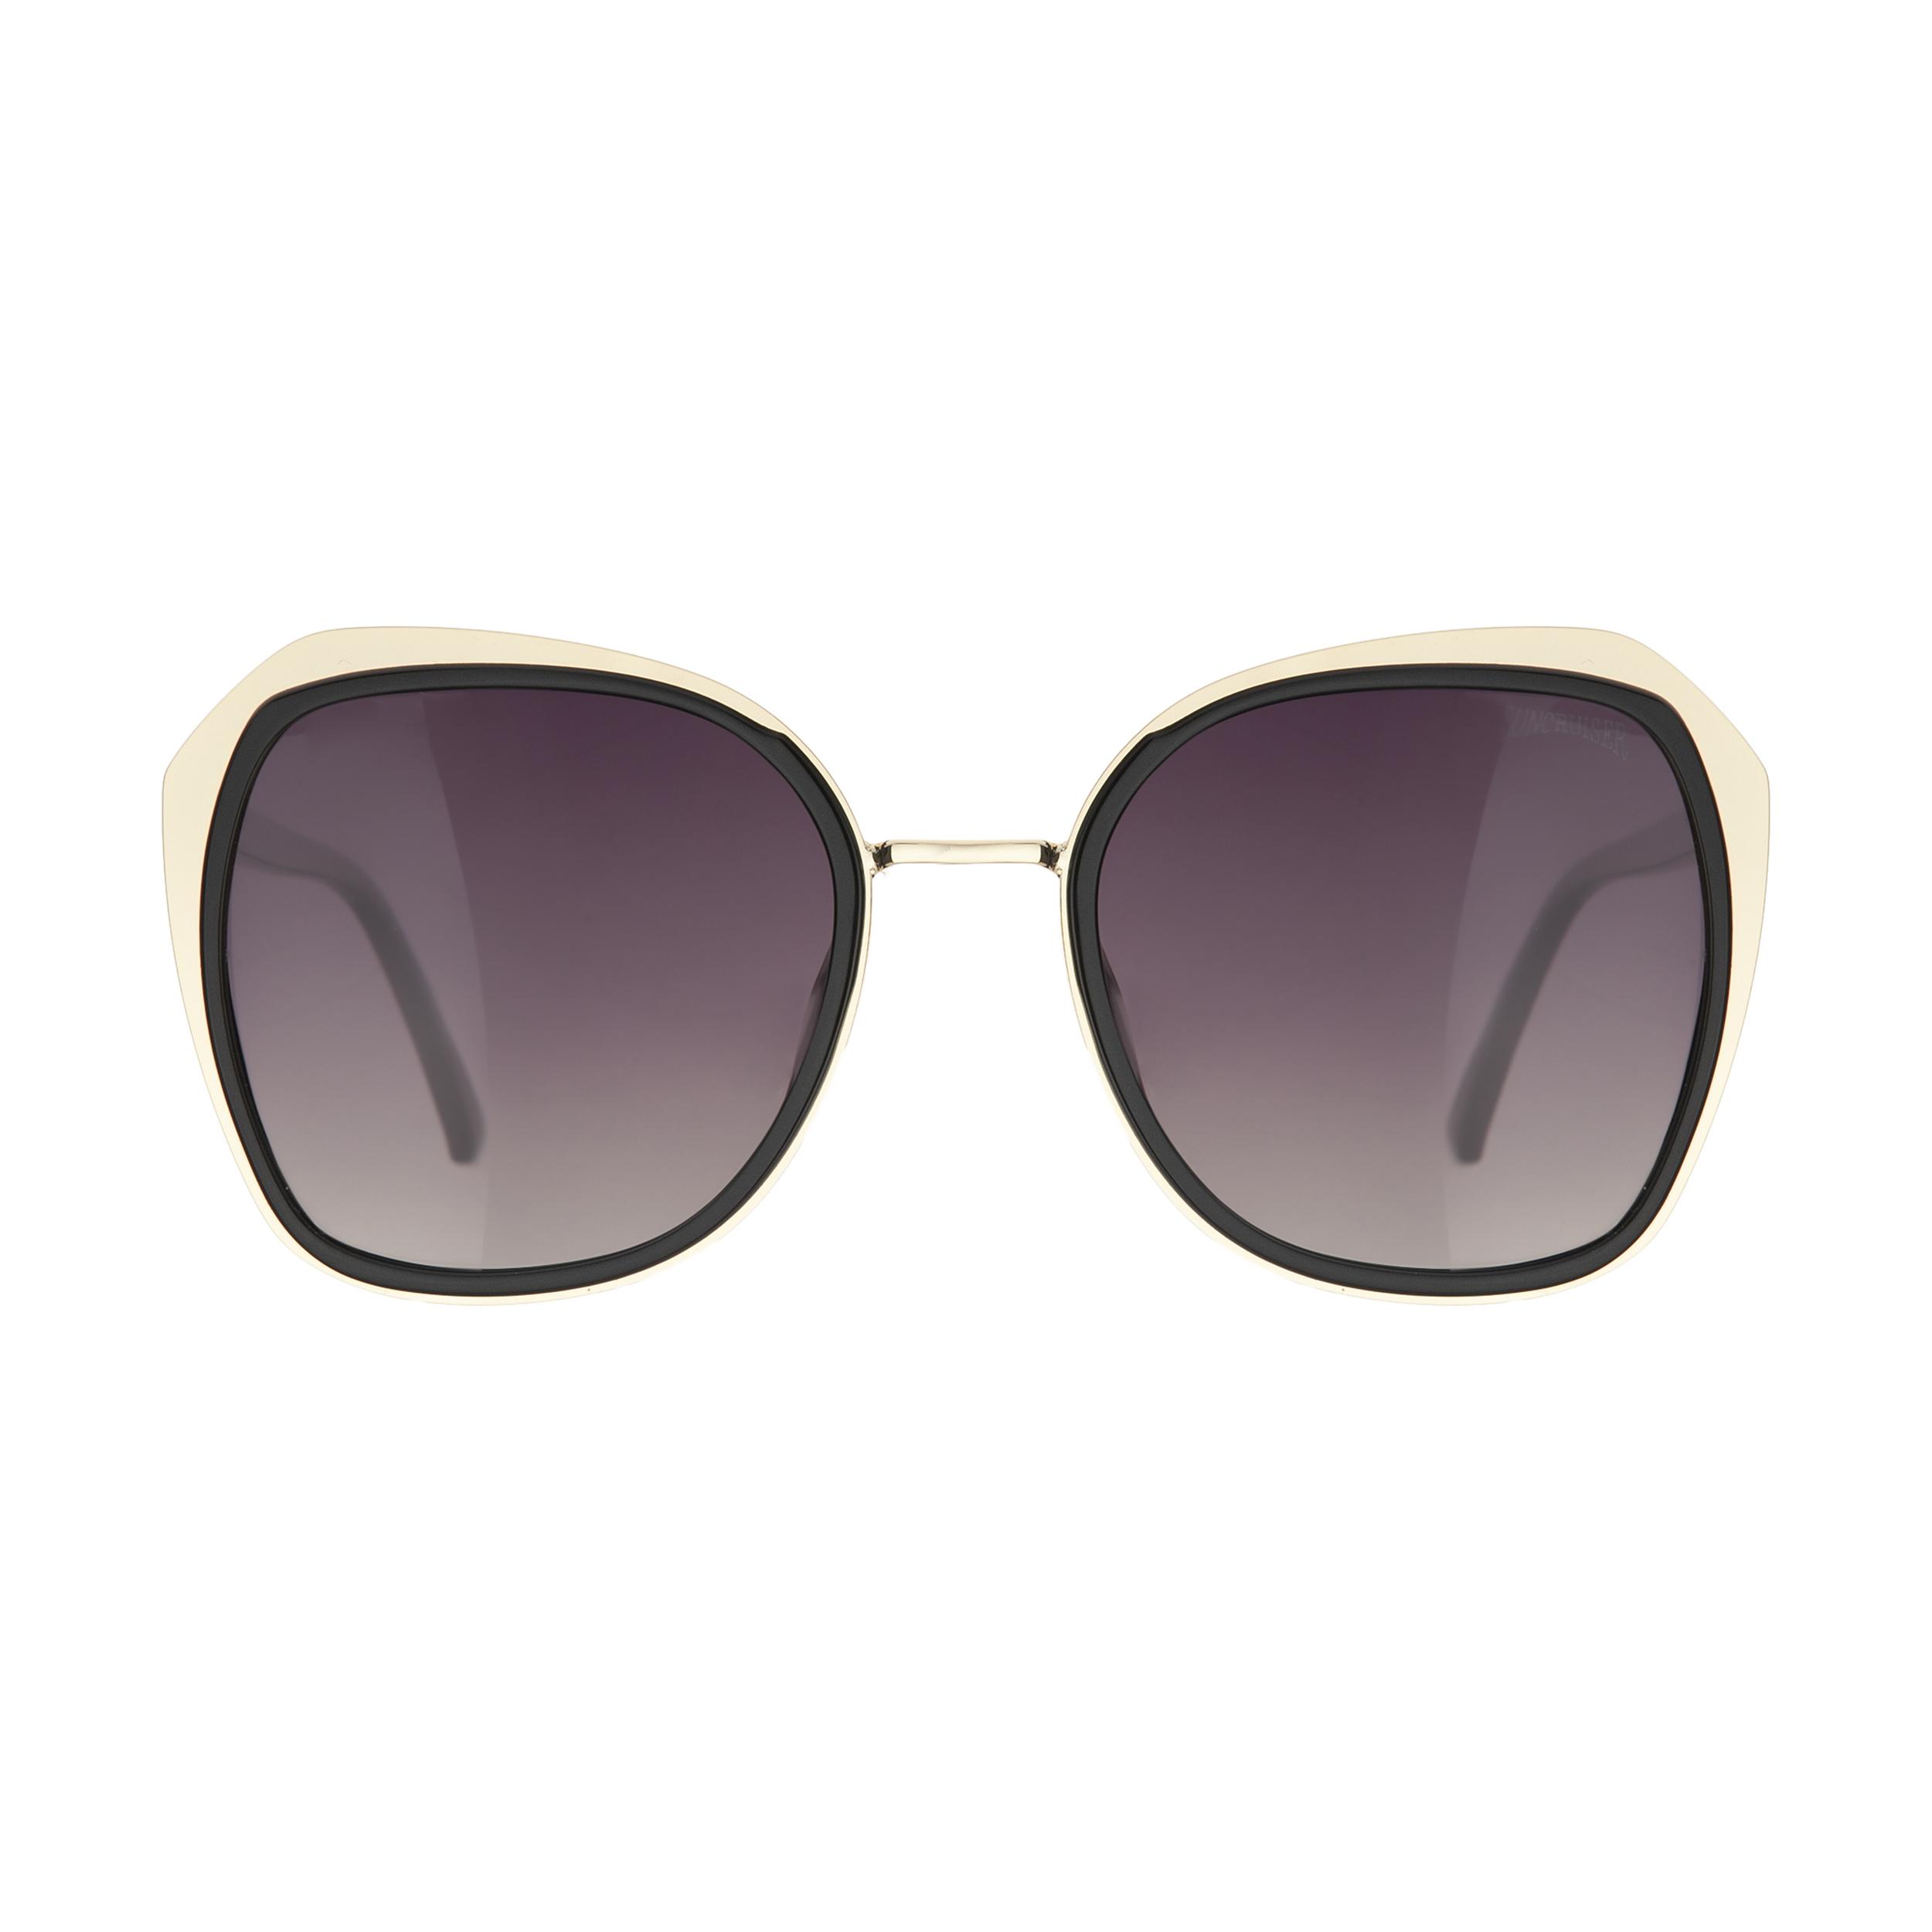 عینک آفتابی زنانه سانکروزر مدل 6005 bl